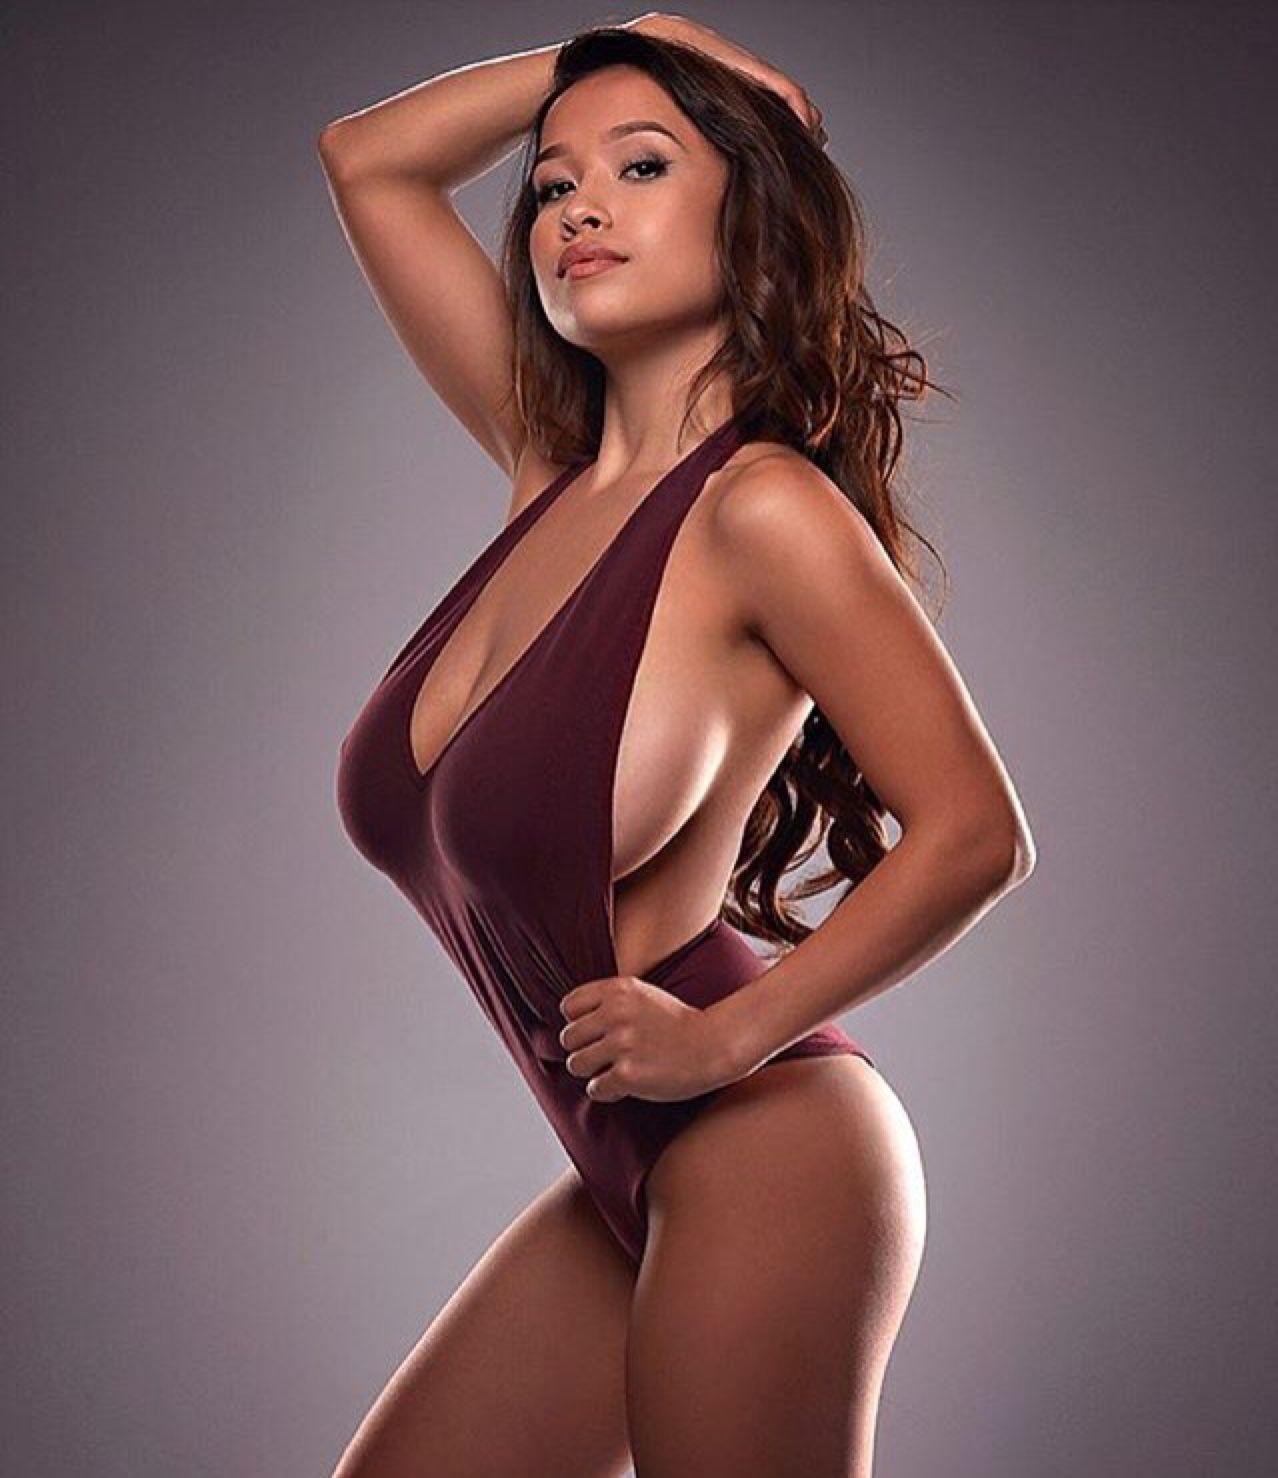 Beautiful white woman interracial